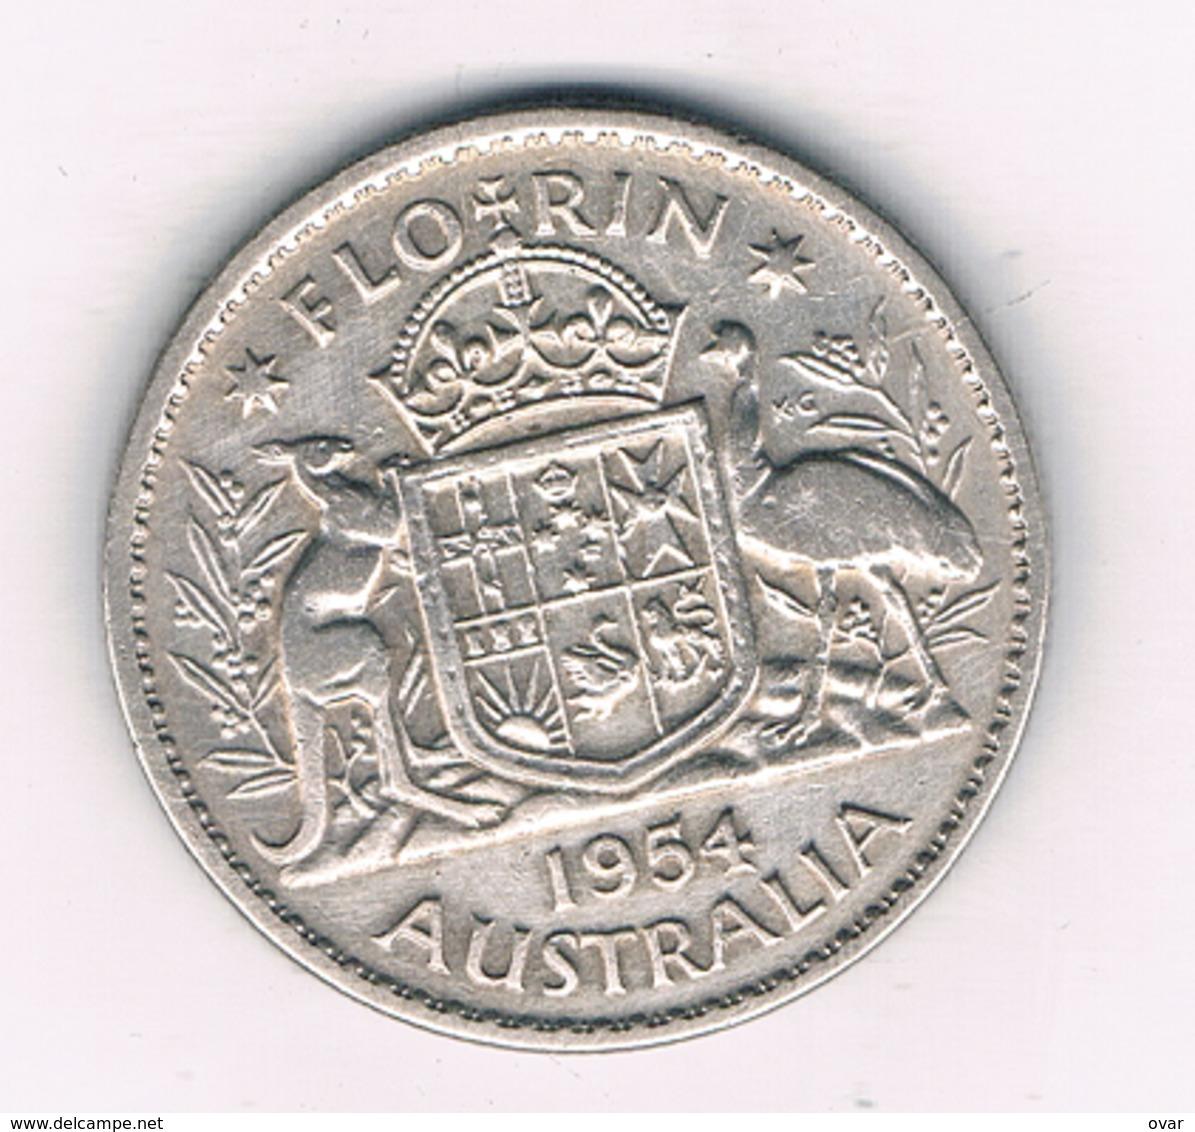 FLORIN 1954 AUSTRALIE /5913/ - Monnaie Pré-décimale (1910-1965)